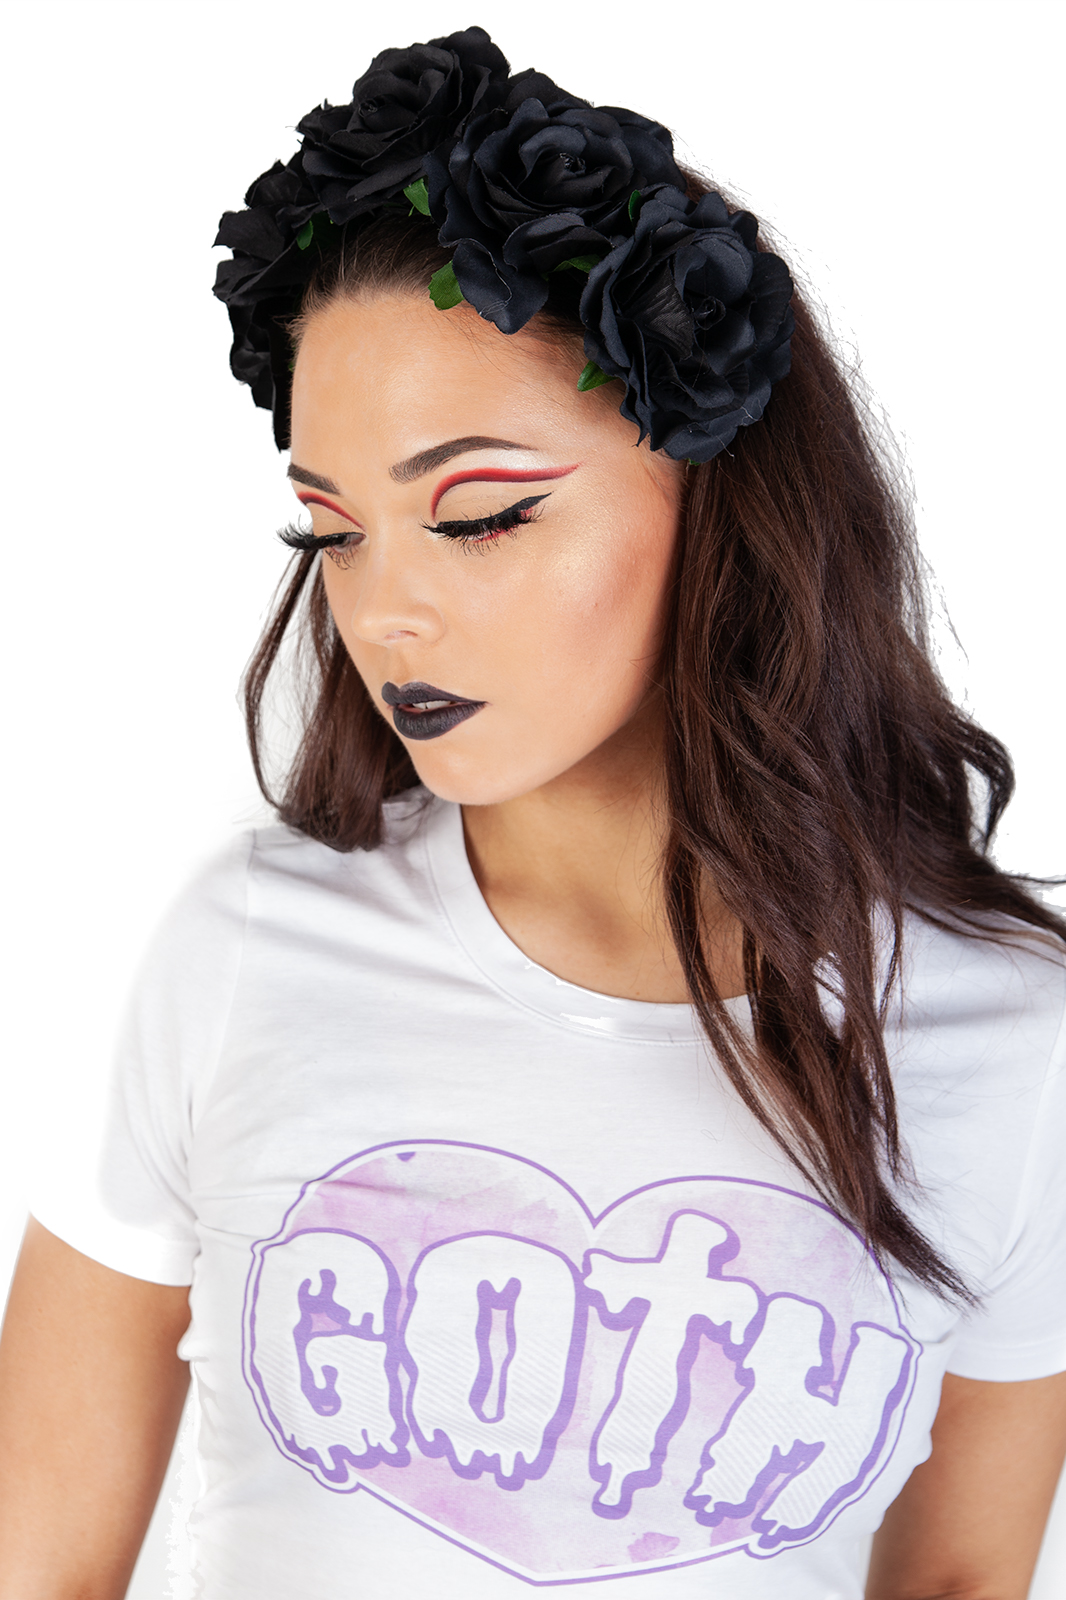 Large Black Flower Headband är ett vackert, gotiskt hårband. Dekorerat med svarta rosor med blad på ett resårband.